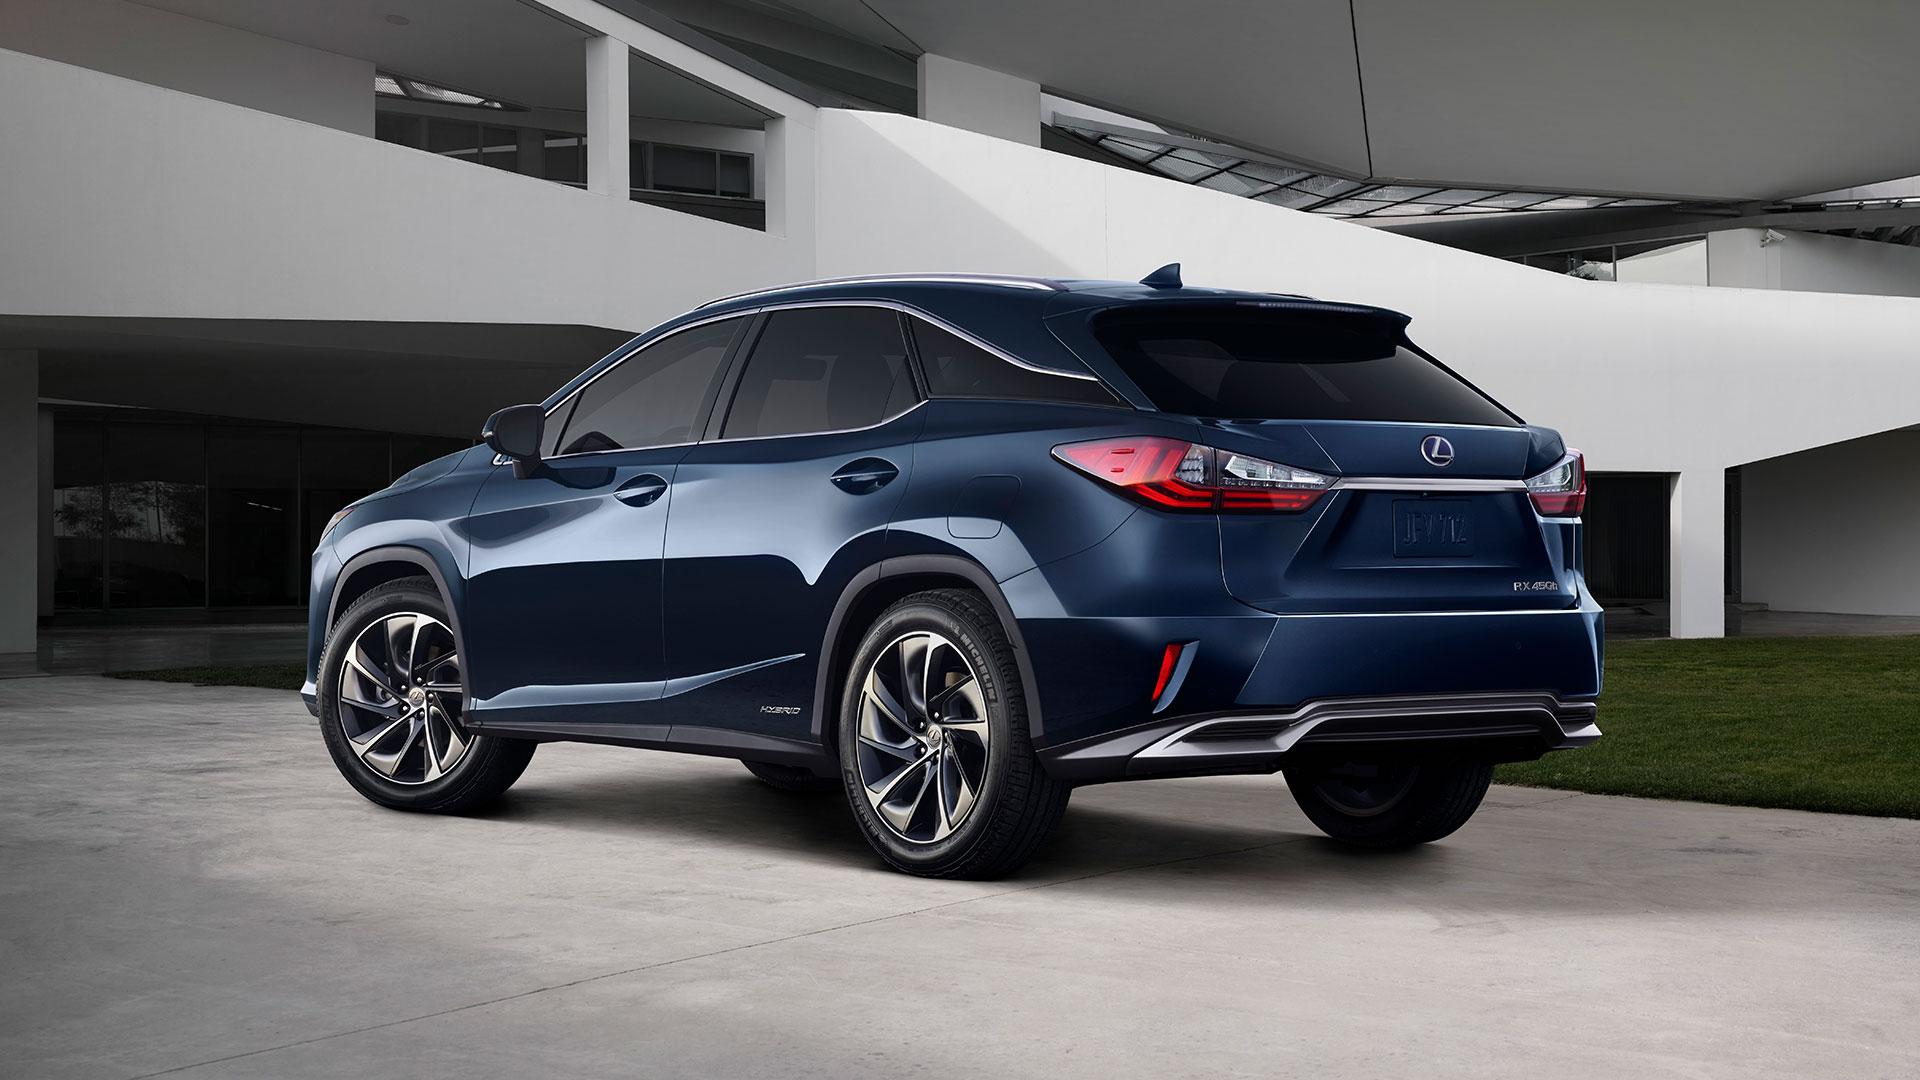 Blå Lexus RX selvladende hybrid SUV parkert foran et hvitt funkishus